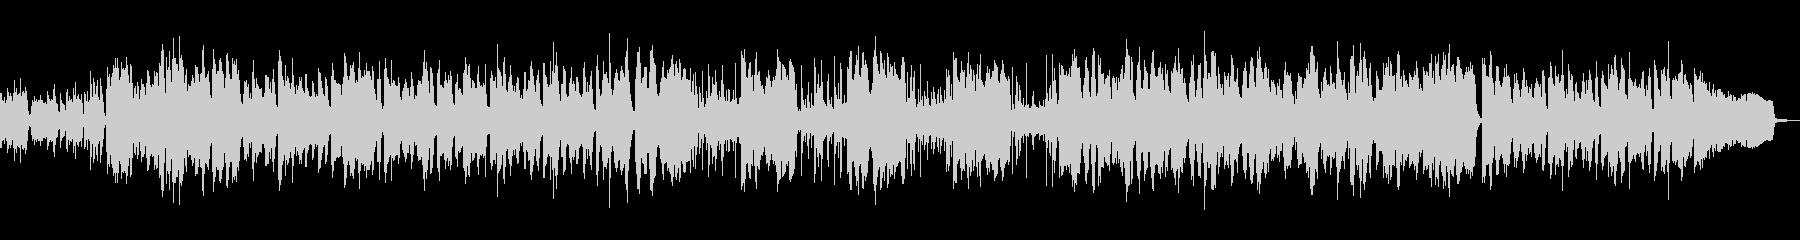 琴、エスニックフルート、ドラム、シンセ…の未再生の波形